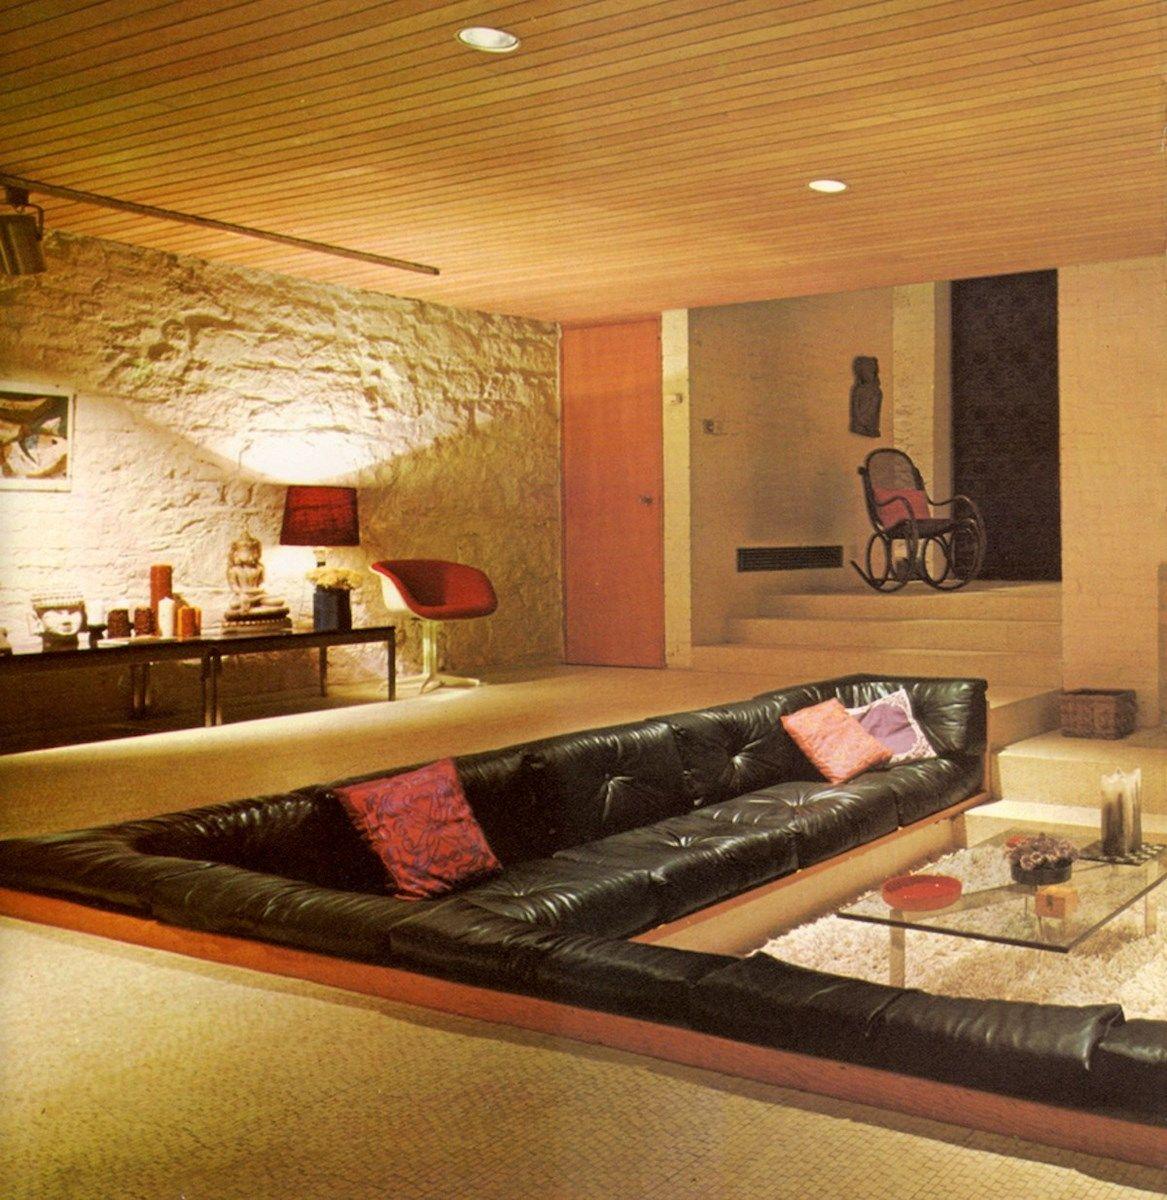 Best Conversation Pits Vintage Interior Design Sunken Living 400 x 300